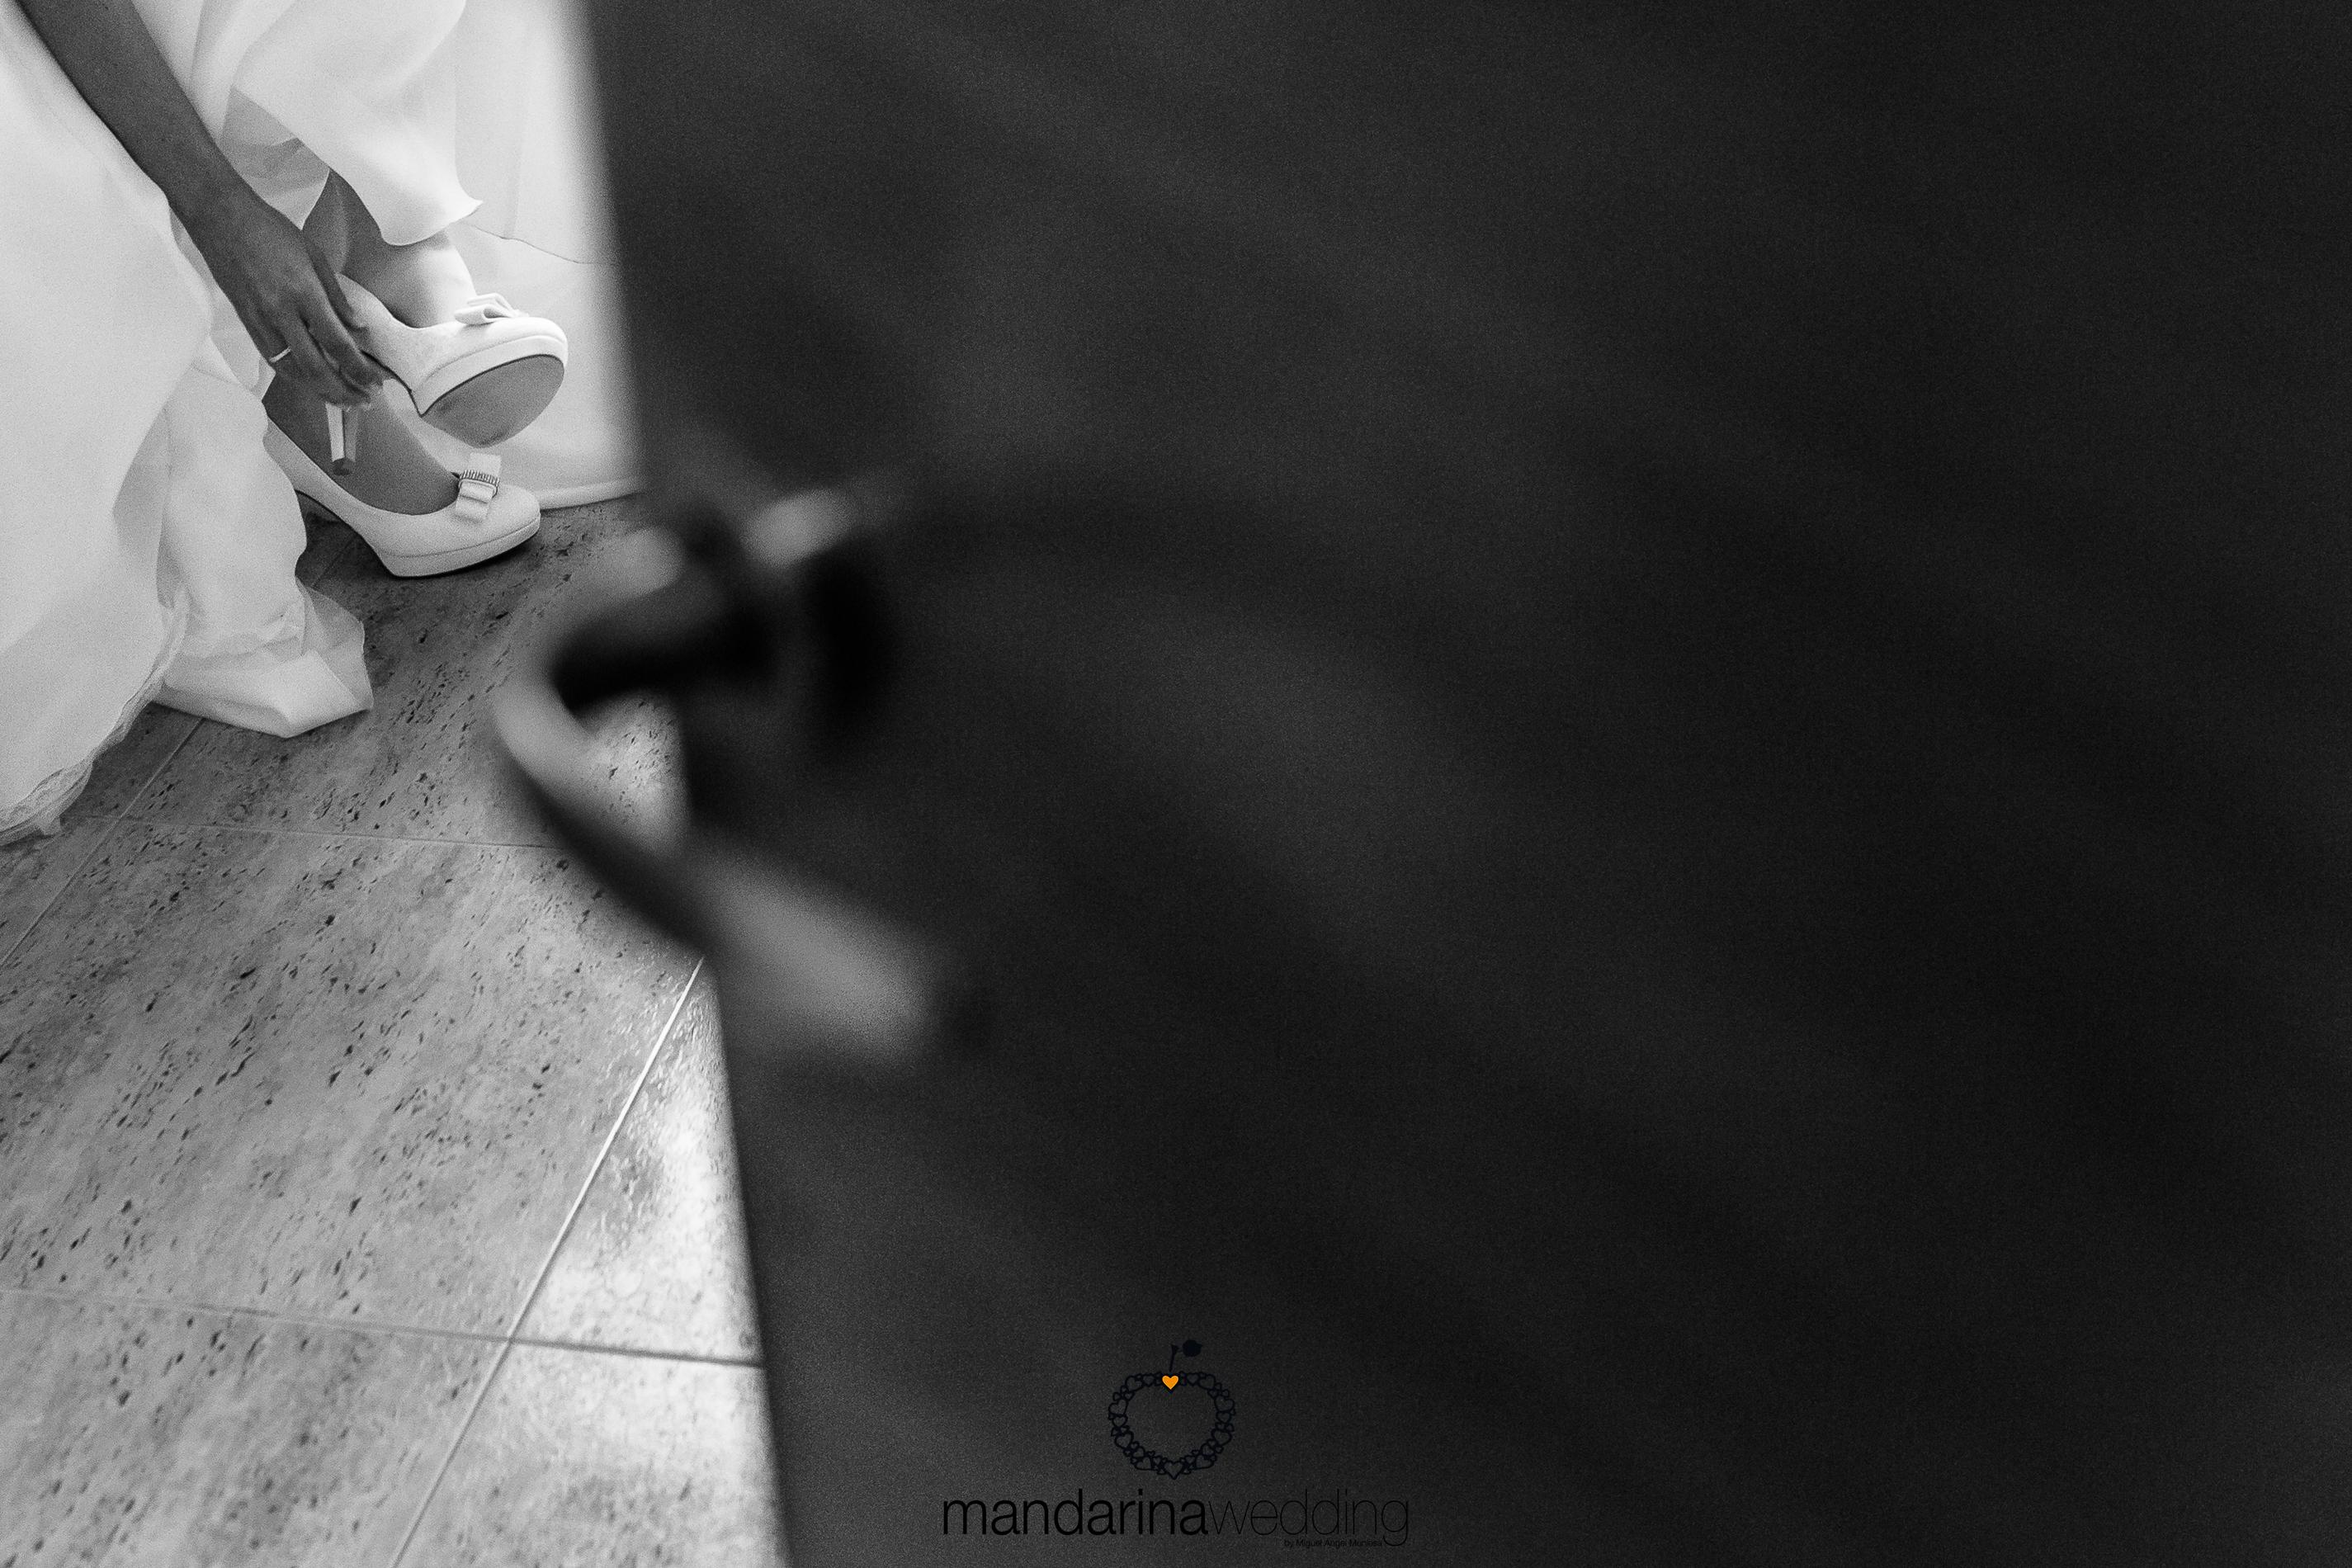 mandarina-wedding-fotografos-boda-zaragoza-bodas-fotografia-de-boda-fotografos-de-boda_14